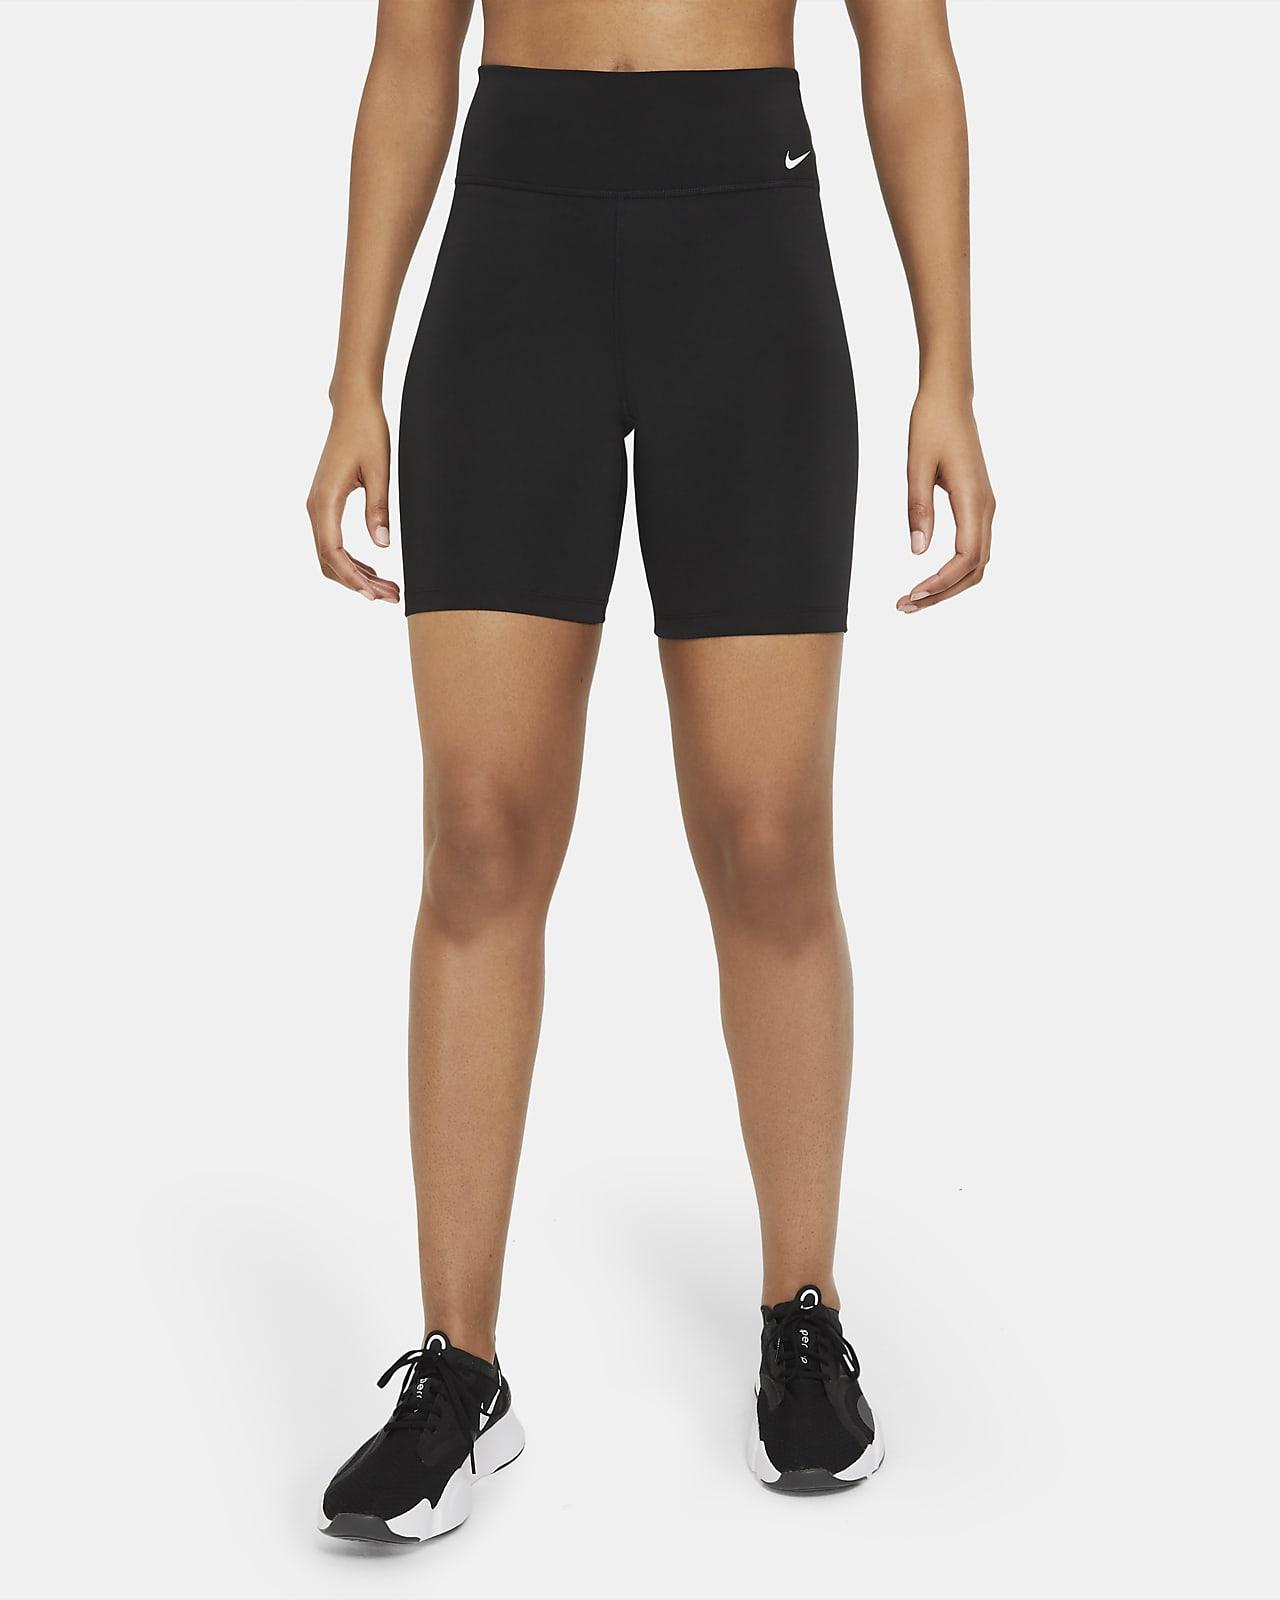 Nike One-cykelshorts (17 cm) med mellemhøj talje til kvinder